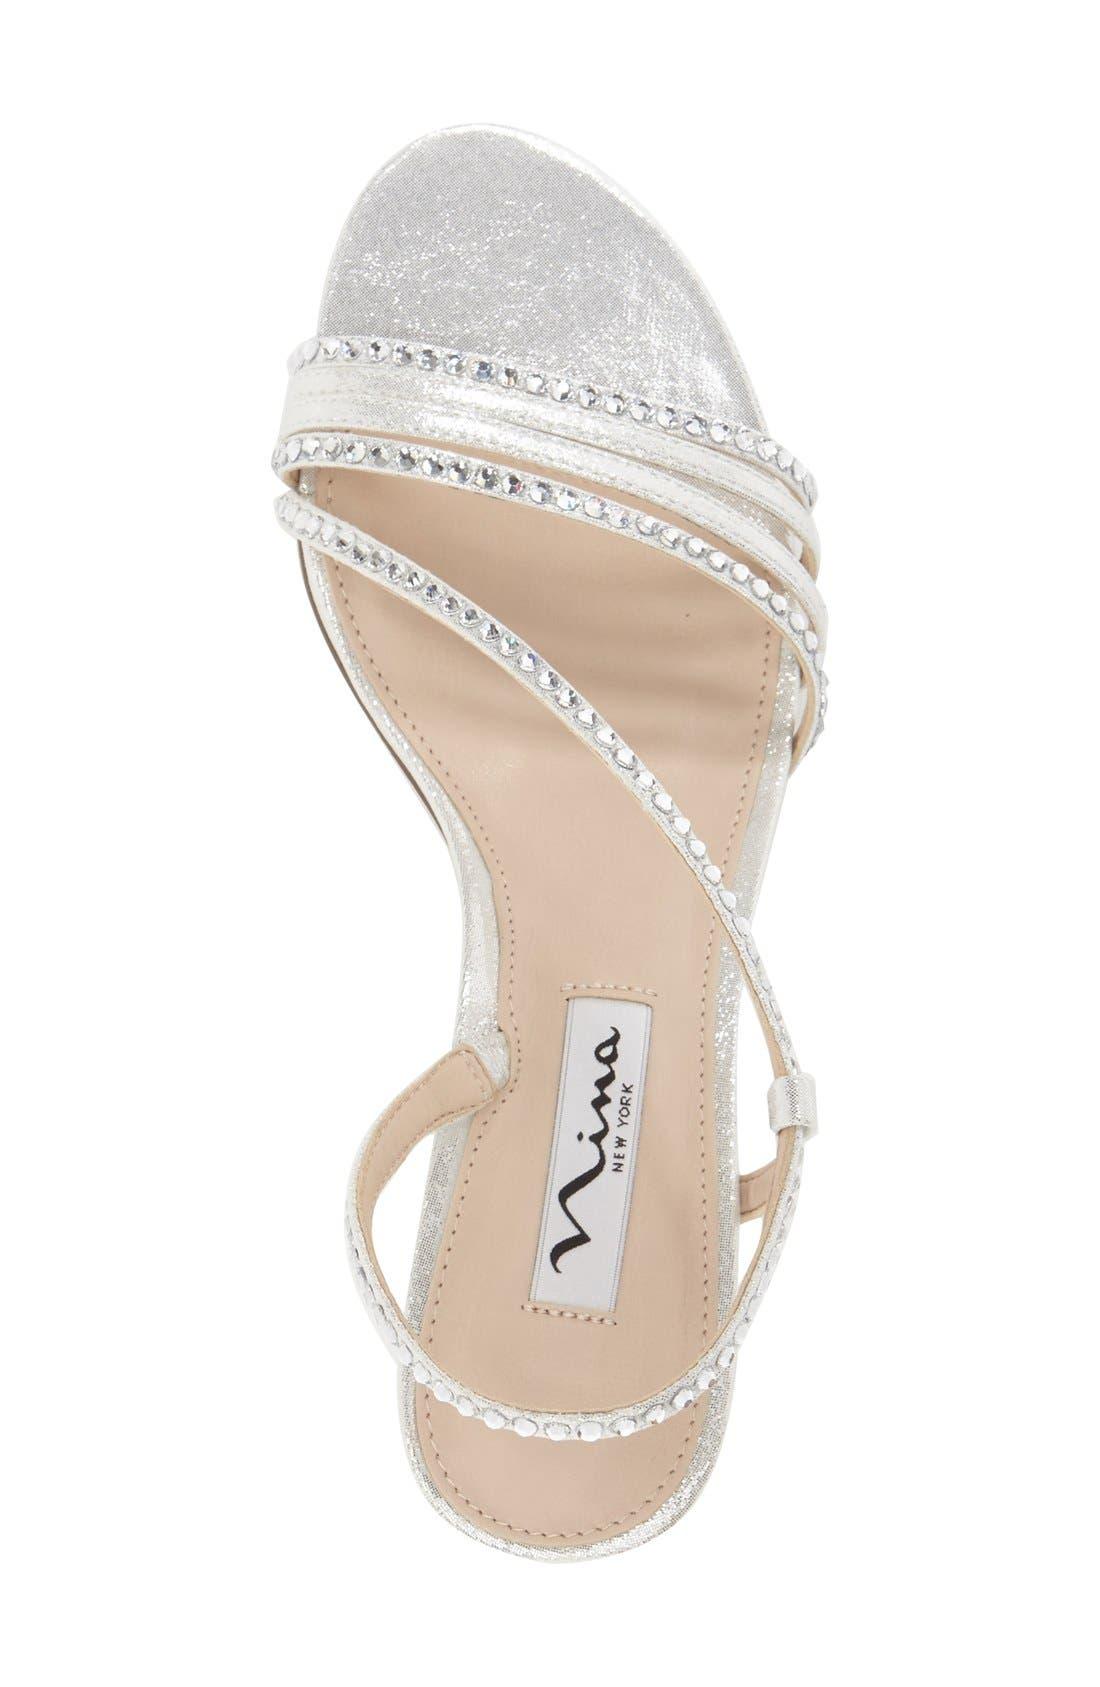 'Gerri' Embellished Slingback Sandal,                             Alternate thumbnail 2, color,                             SILVER SUEDE